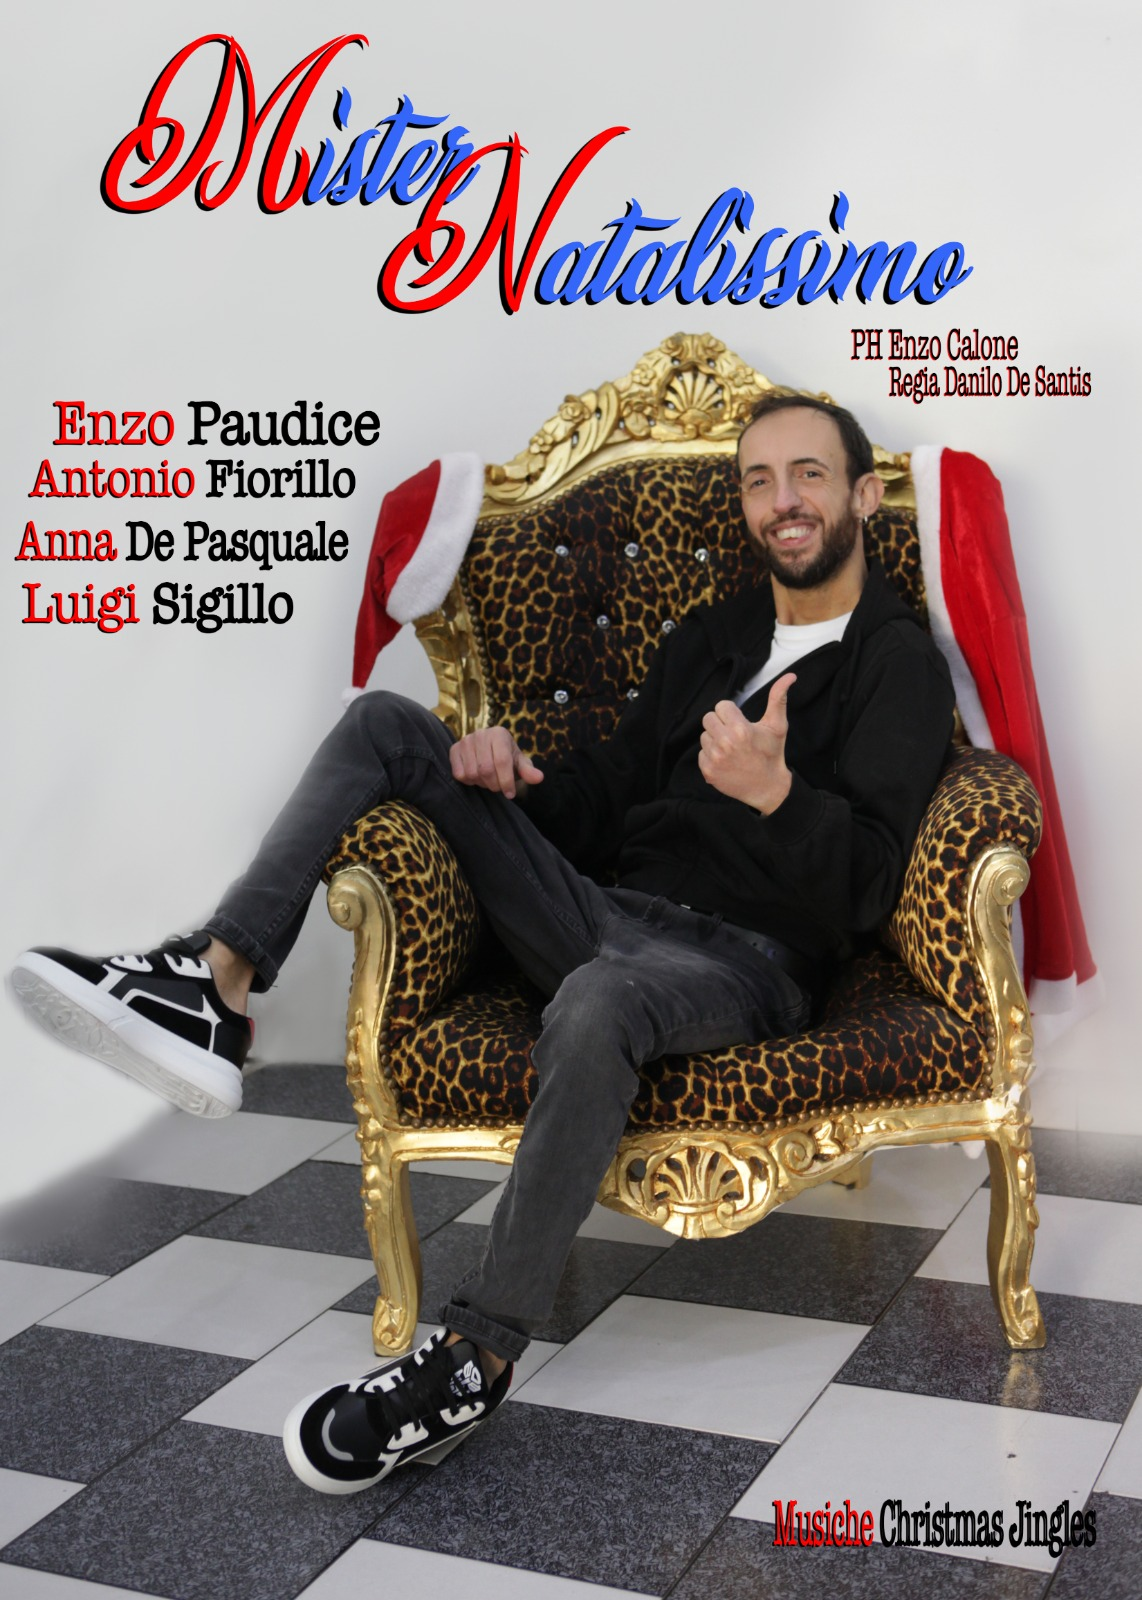 Il mese più magico dell'anno arriva con Mister Natalissimo